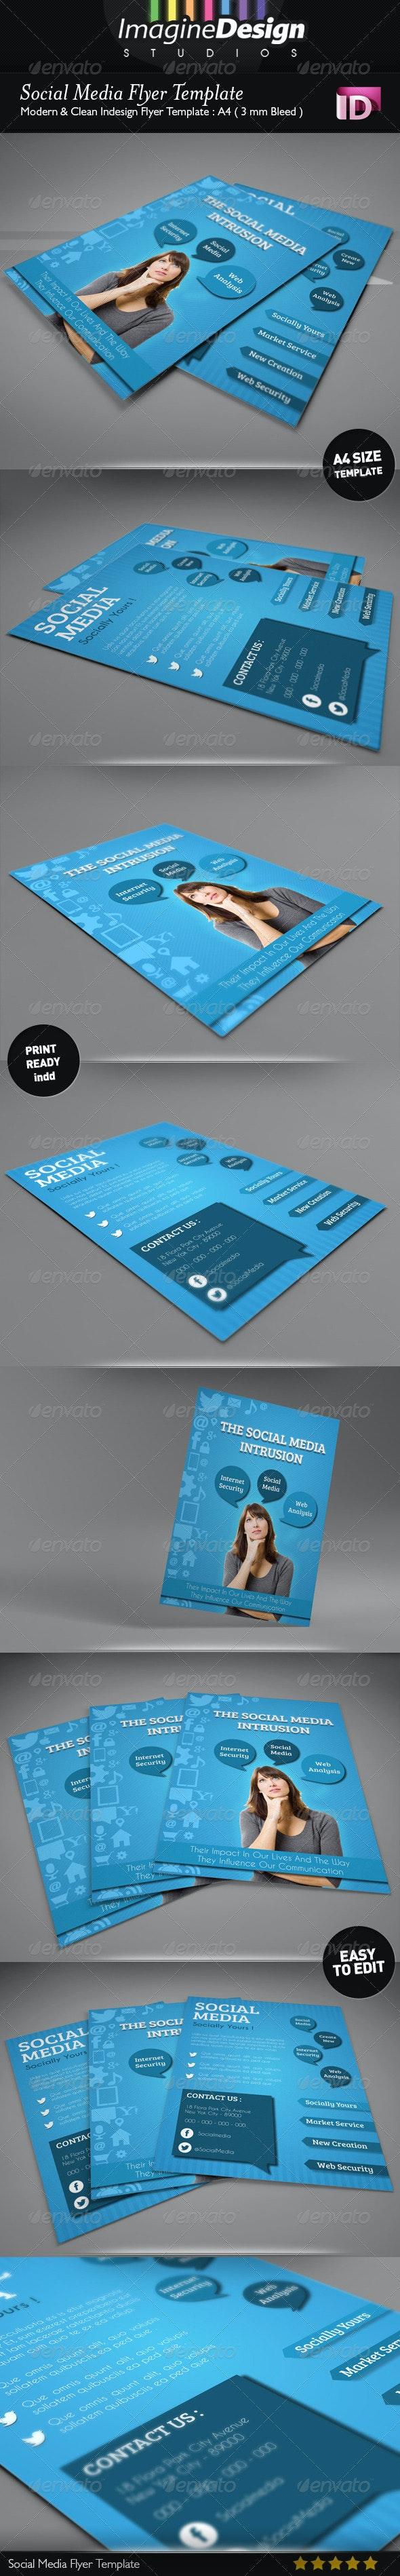 Social Media Flyer Template - Flyers Print Templates